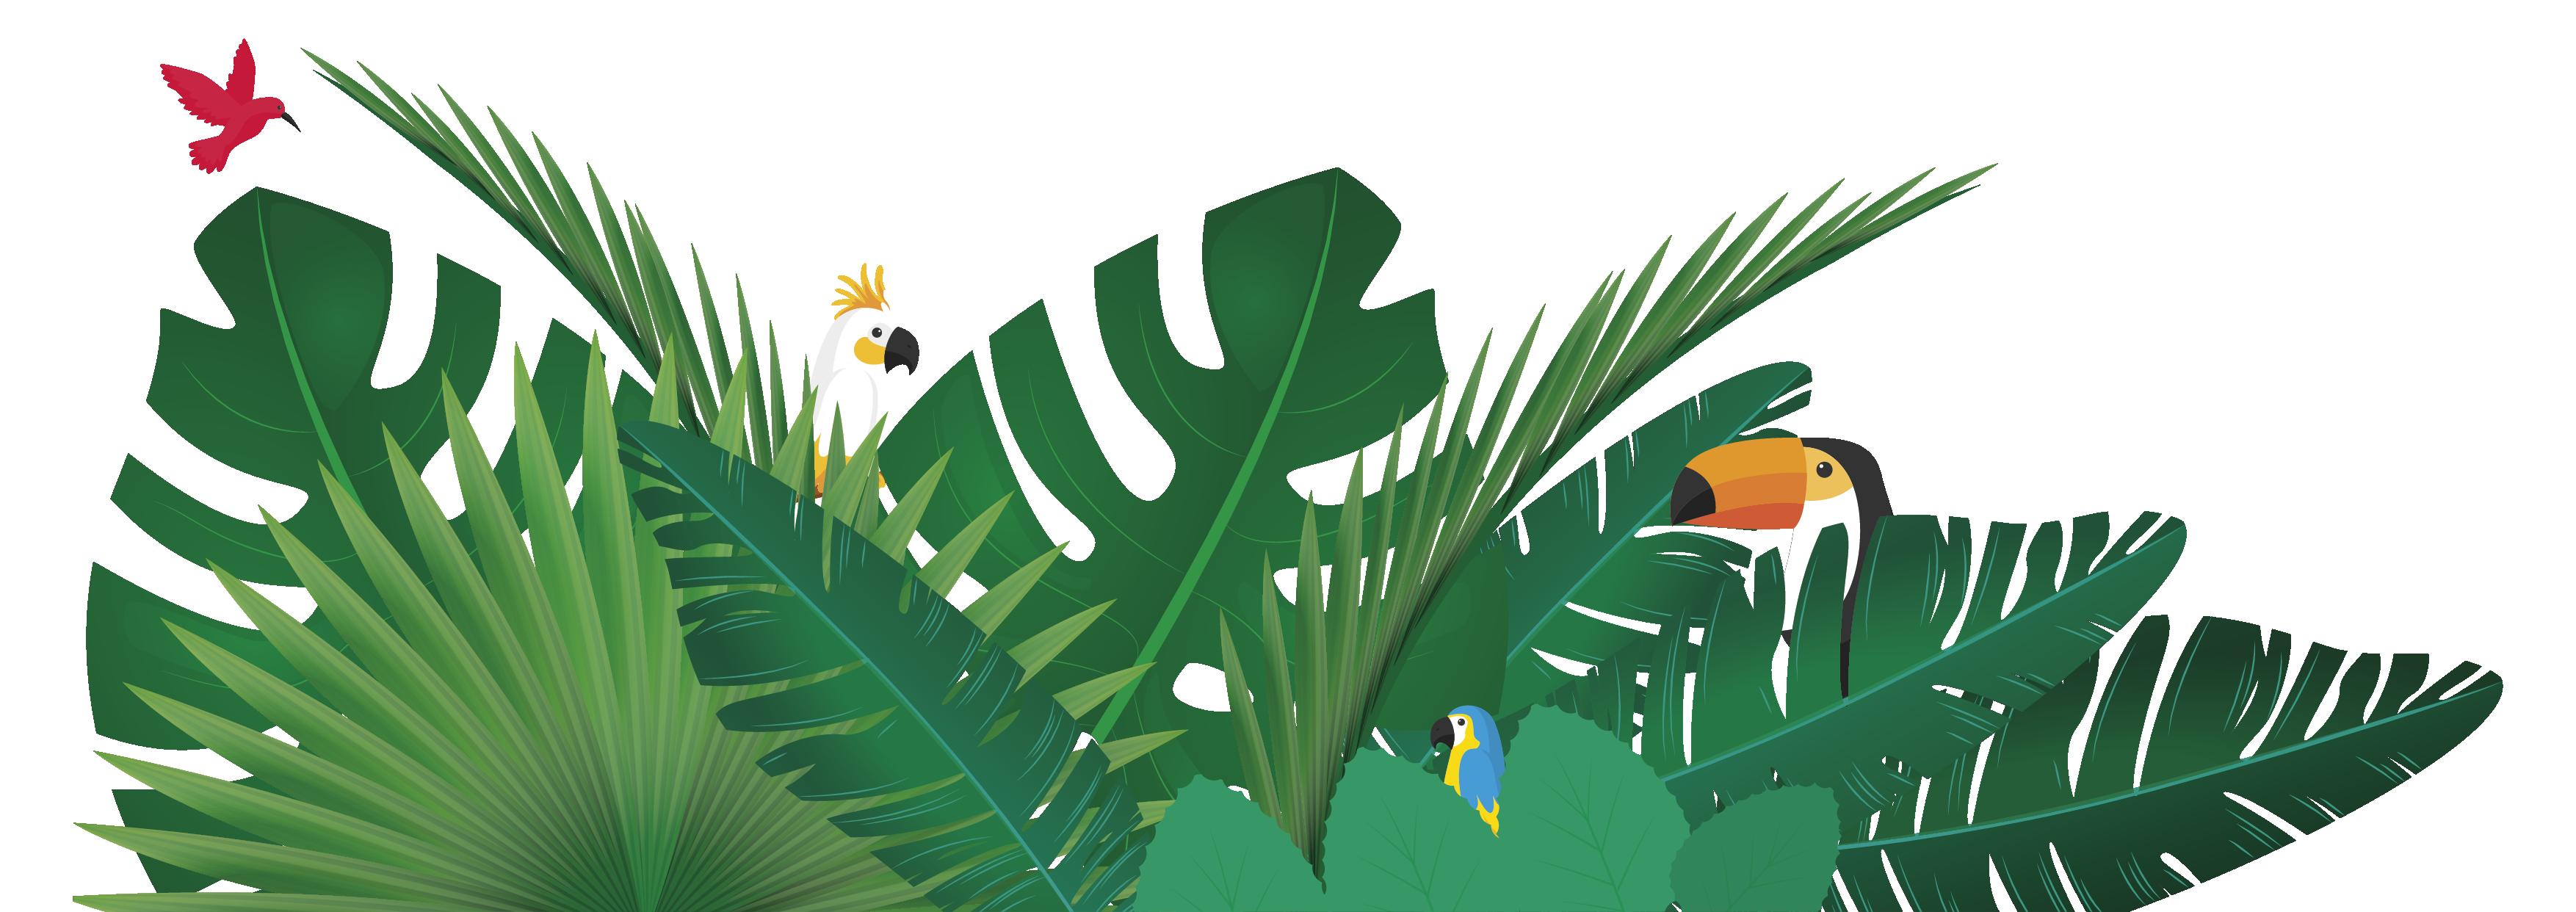 visuel-plantes-oiseaux-01